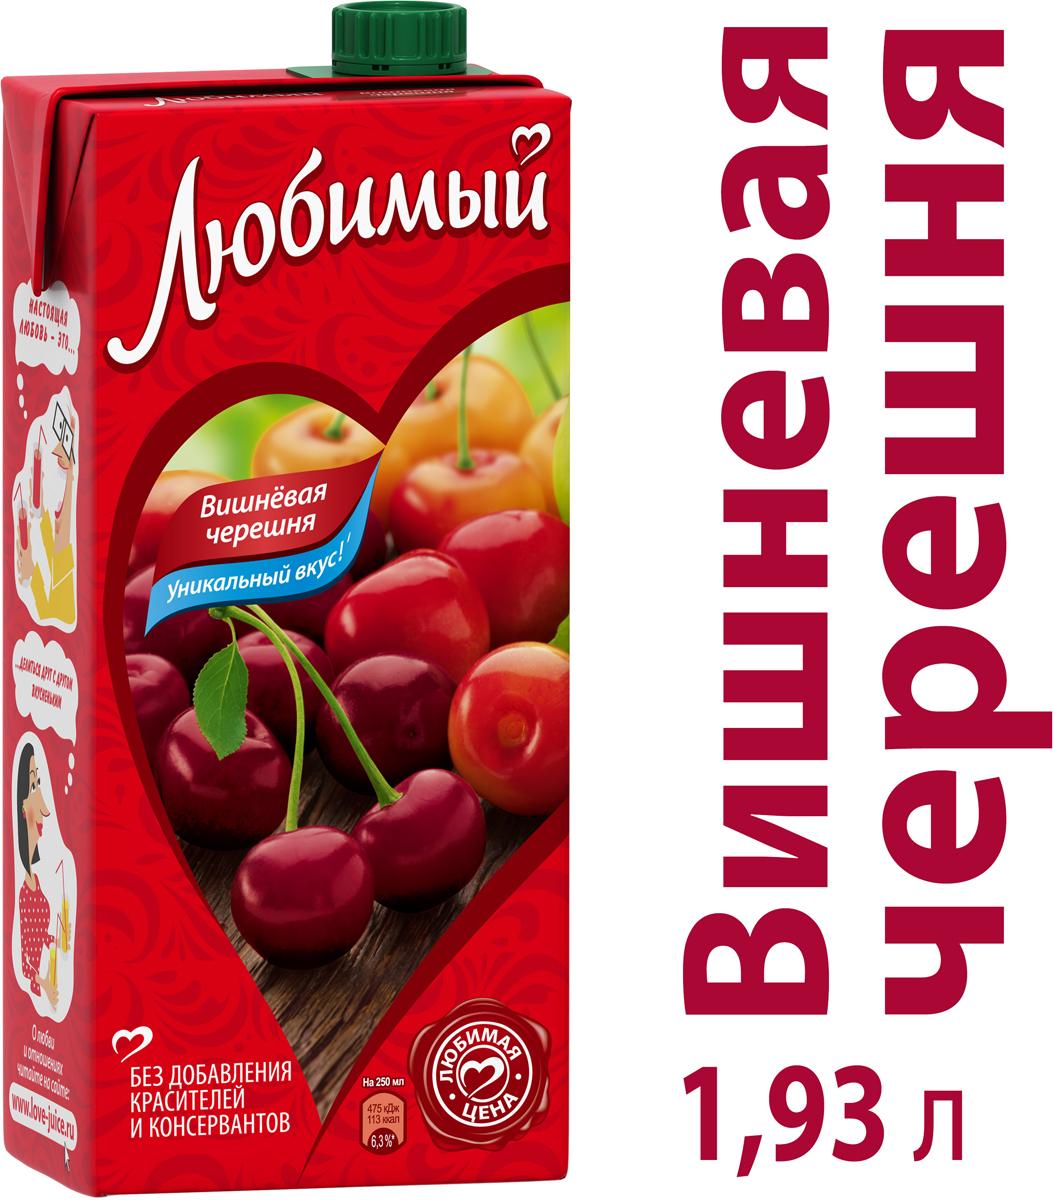 Любимый Яблоко-Вишня-Черешня напиток сокосодержащий осветленный, 1,93 л340024538Любимый – это нектары, соковые напитки, а также сиропы на любой вкус по доступной цене. Они бережно сохраняют настоящий вкус и аромат сочных спелых фруктов без использования искусственных красителей и консервантов. В ассортиментной линейке бренда